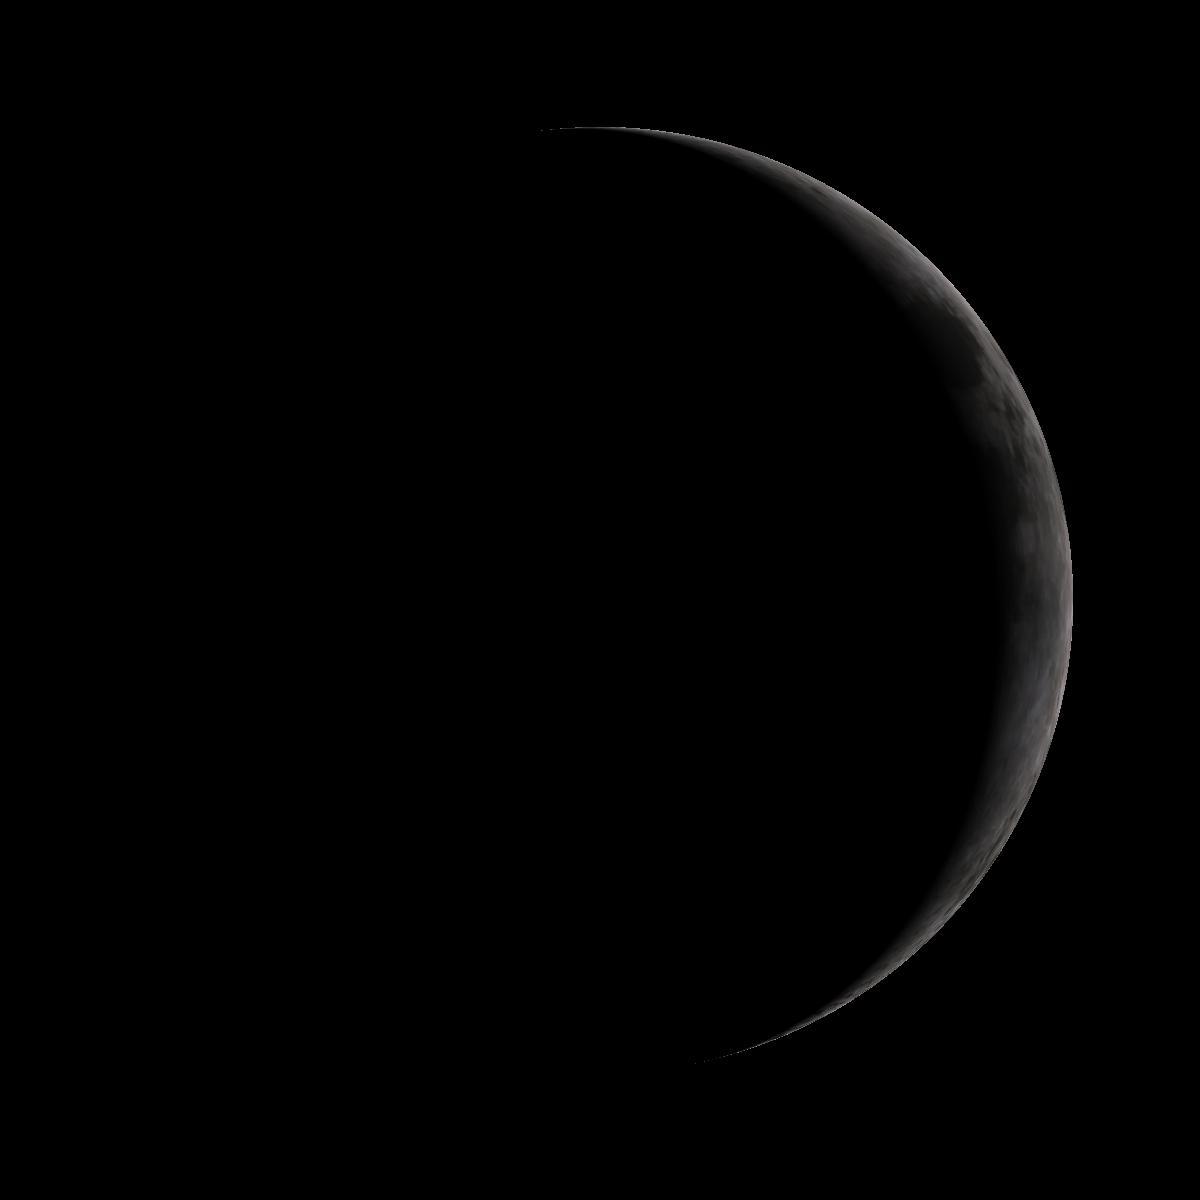 Lune du 24 juin 2020